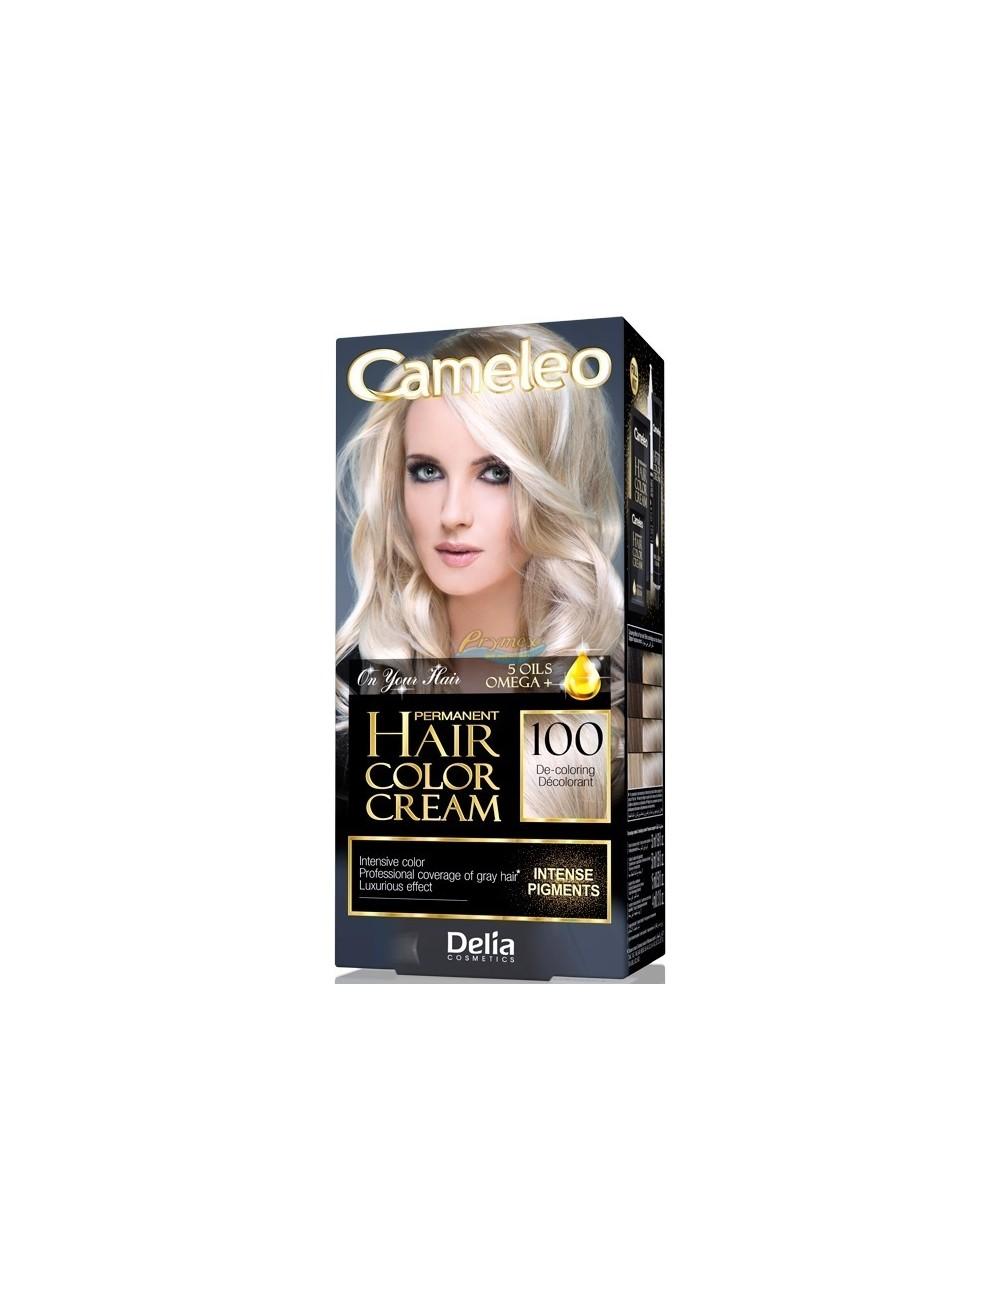 Cameleo Farba do Włosów Trwale Koloryzująca 100 Dekoloryzator 1 szt